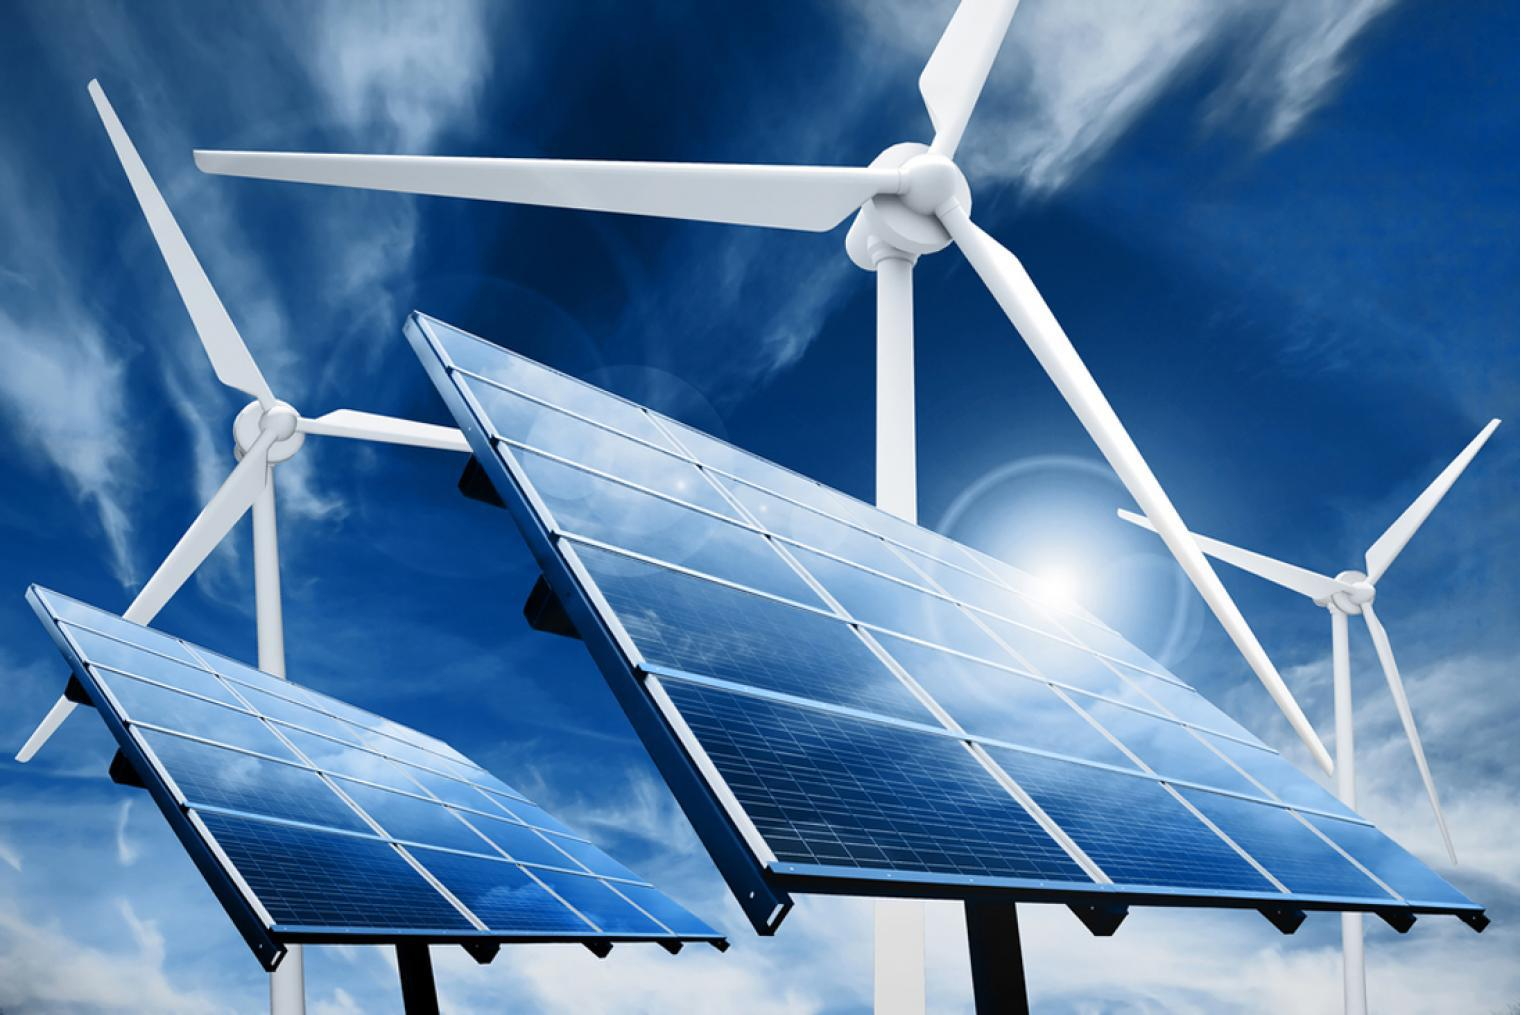 Er zijn een aantal alternatieve energie ideeën die je zullen helpen om een groene voetafdruk op de planeet te verlagen